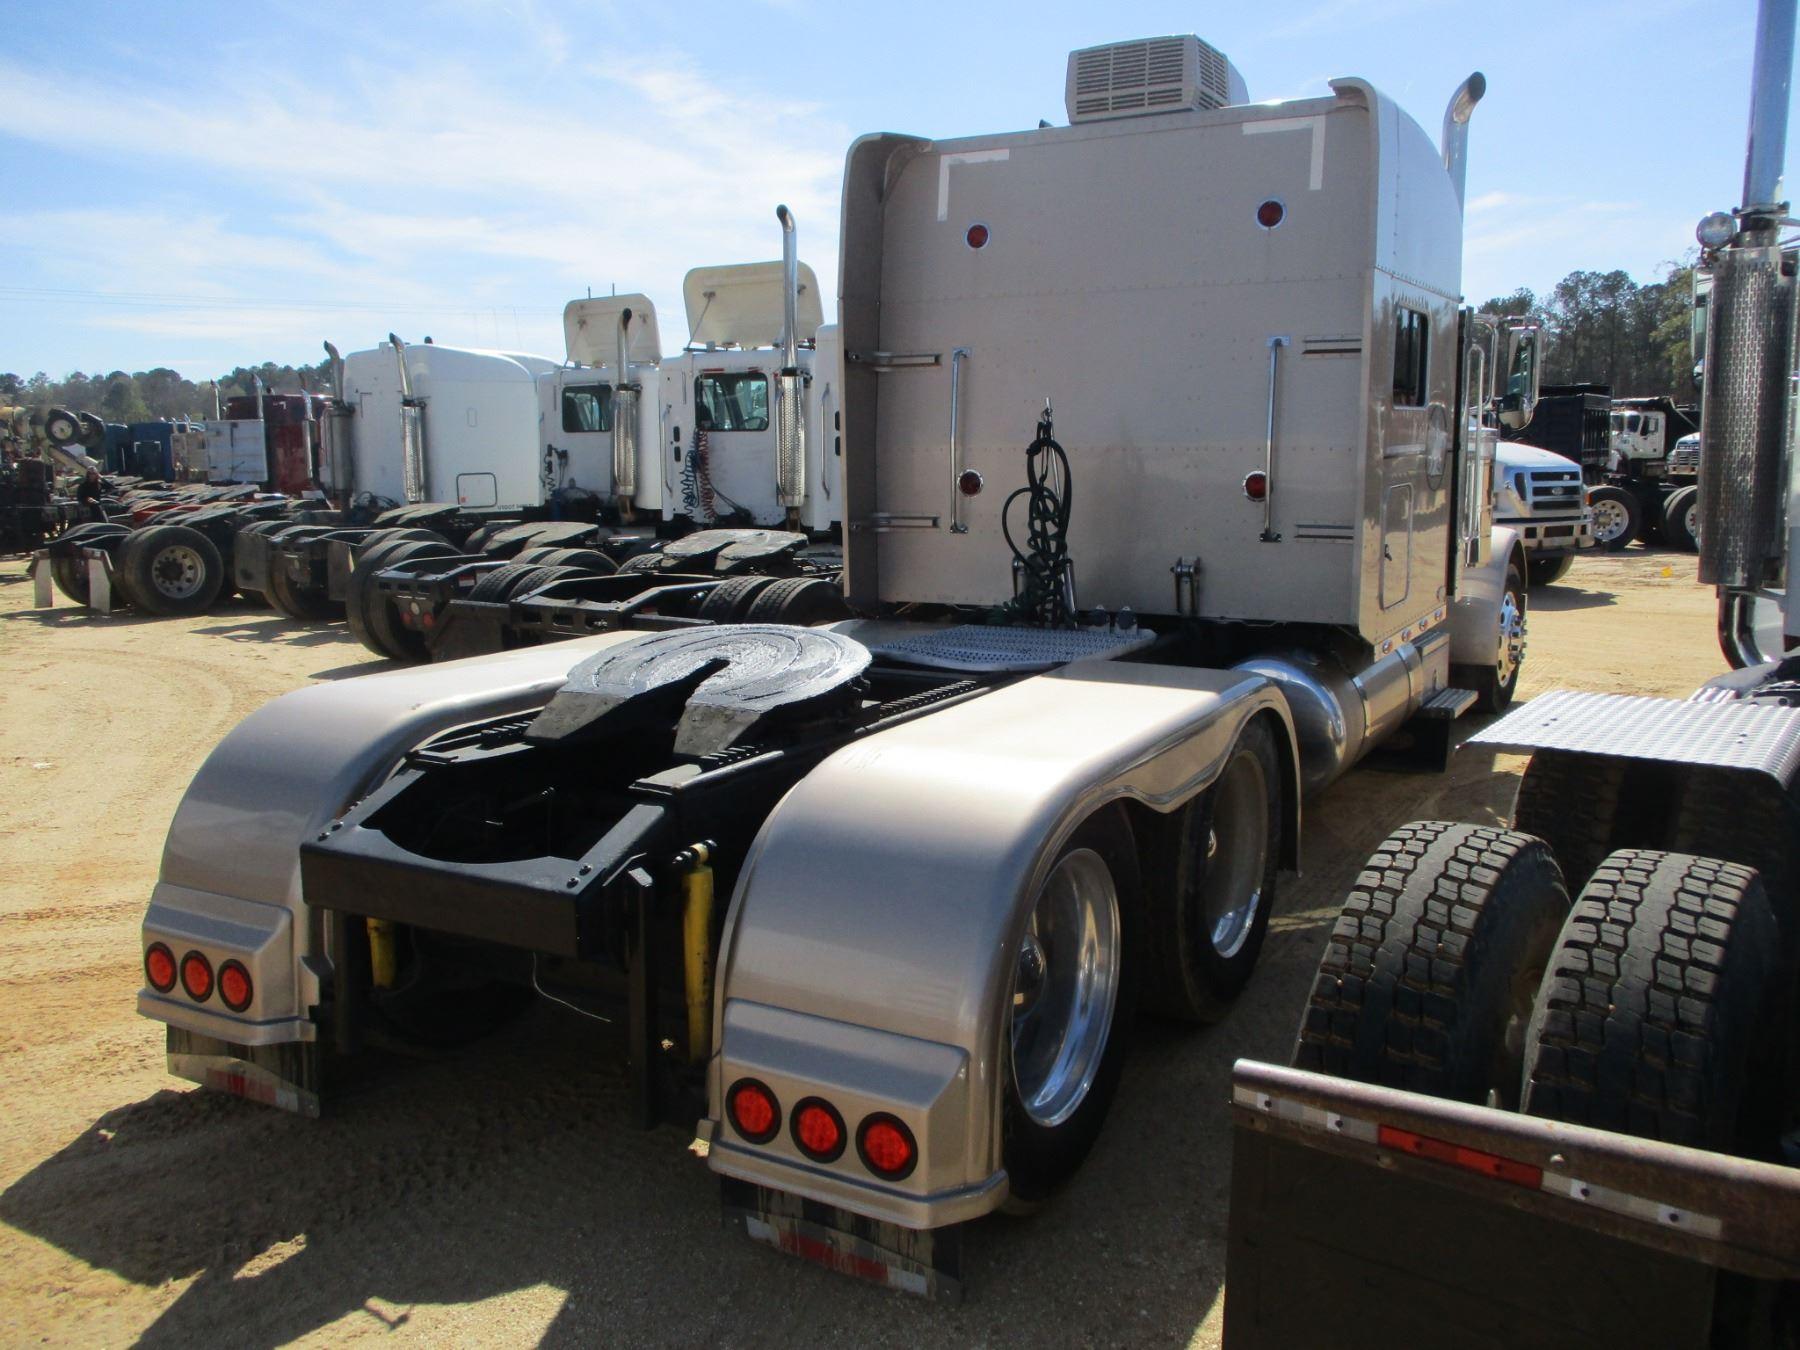 2006 PETERBILT 379 TRUCK TRACTOR, VIN/SN:1XP5D49X16D630207 - T/A, 450HP  CUMMINS ISX ENGINE, 18 SPEED